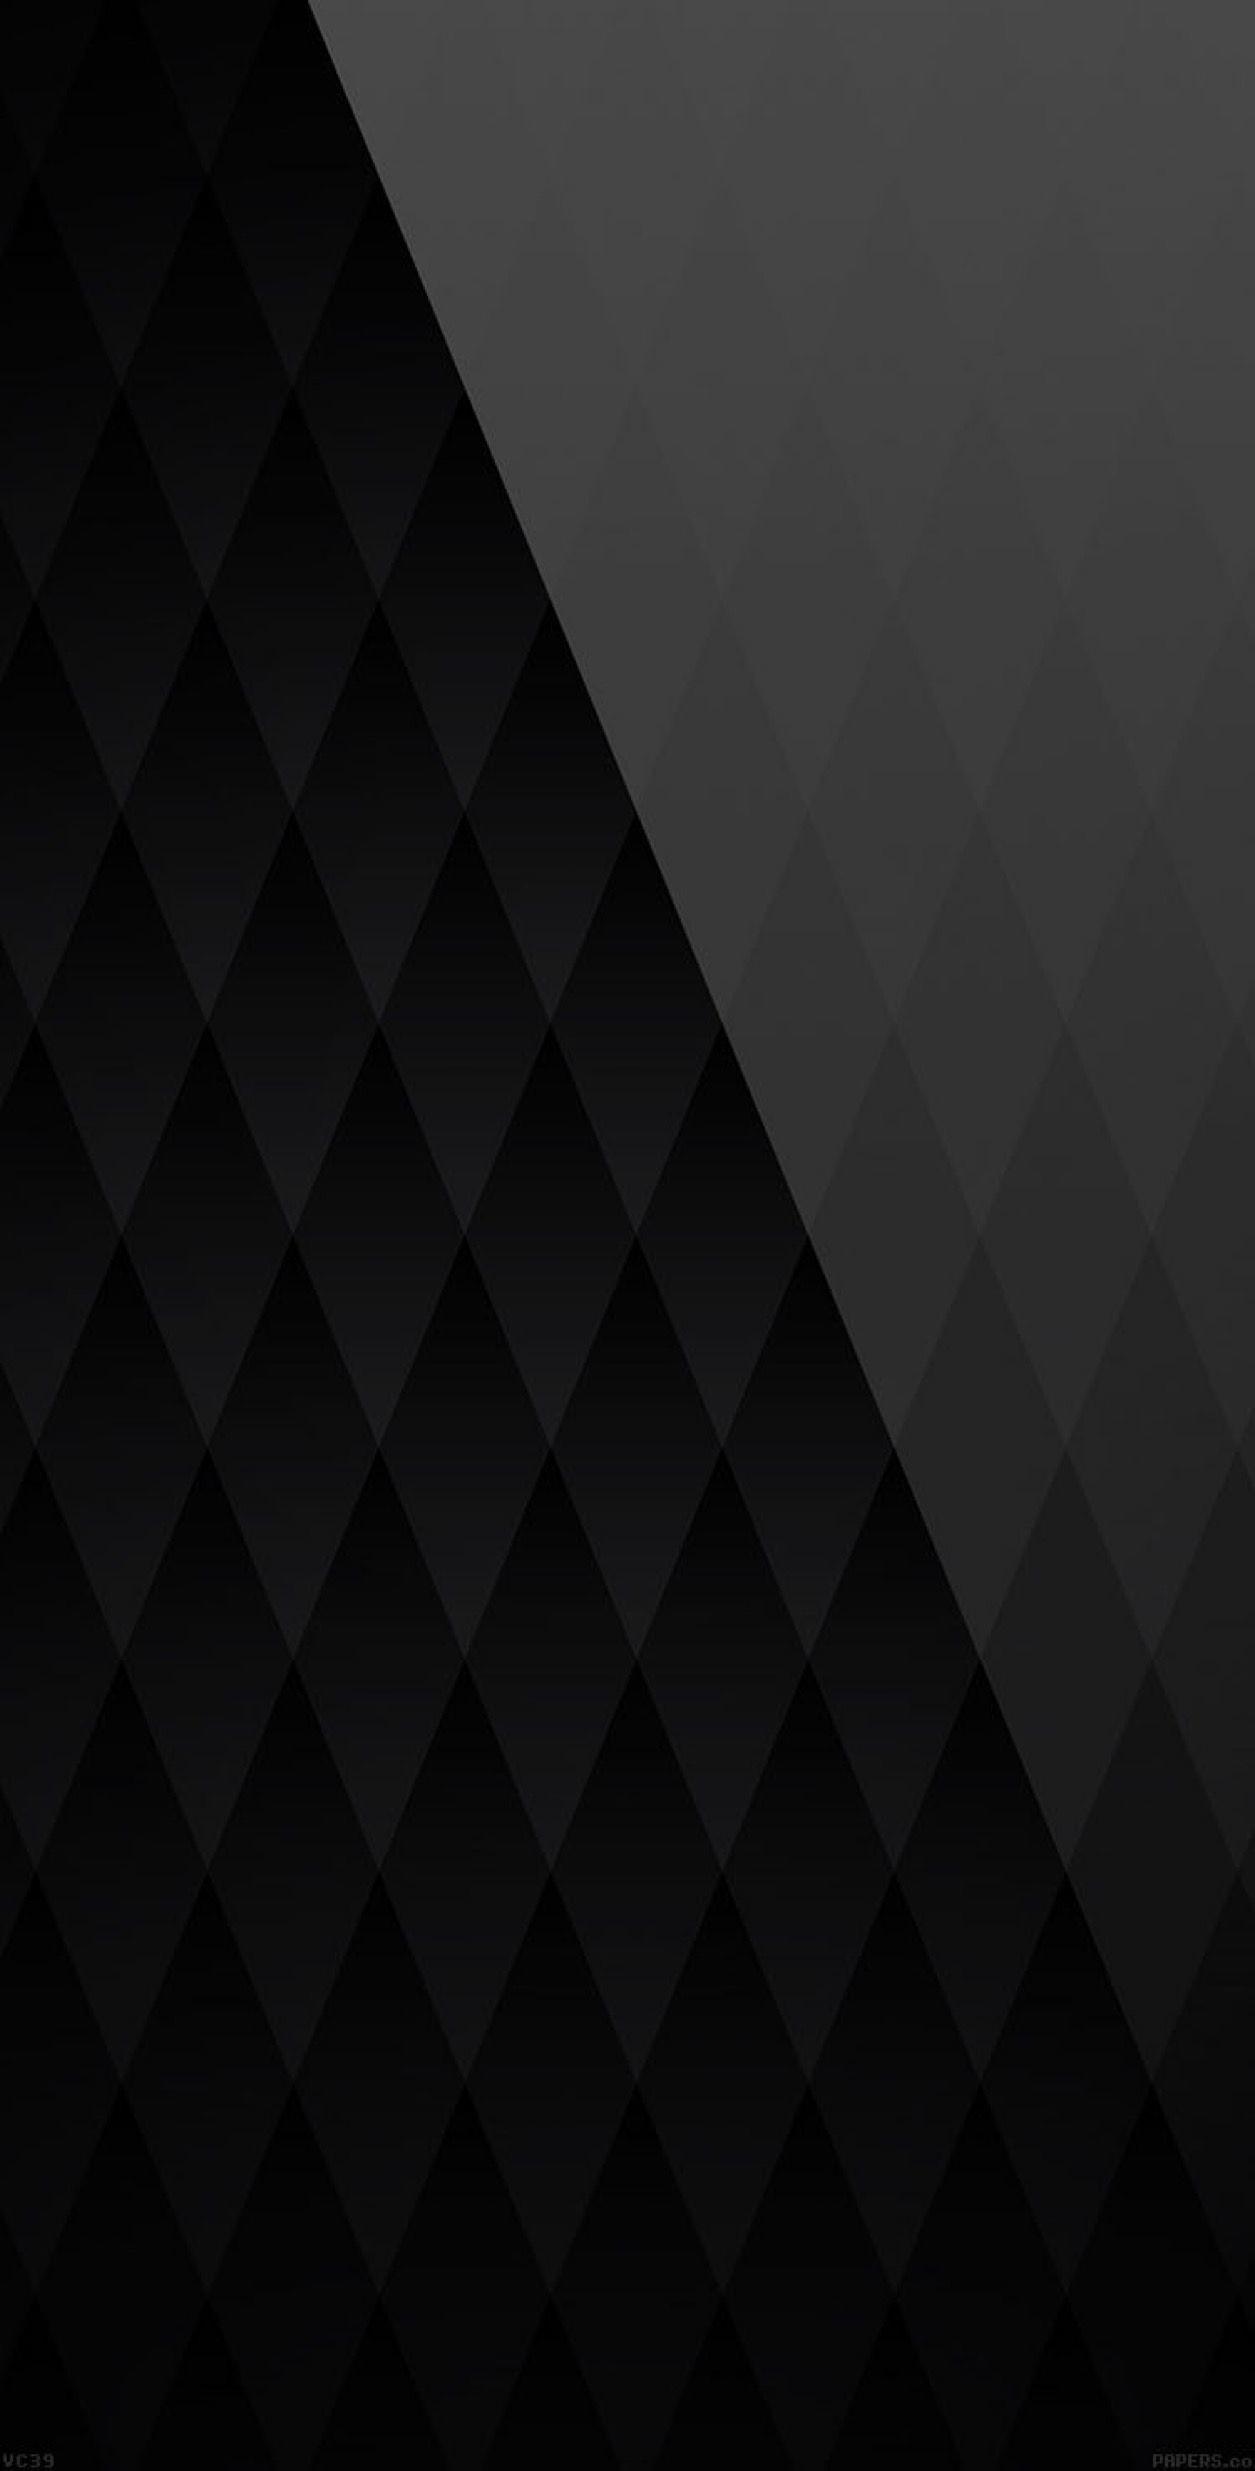 1255x2471, Black, Gloss, Dark, Wallpaper, Galaxy, Clean, - Black Diamond Pattern - HD Wallpaper